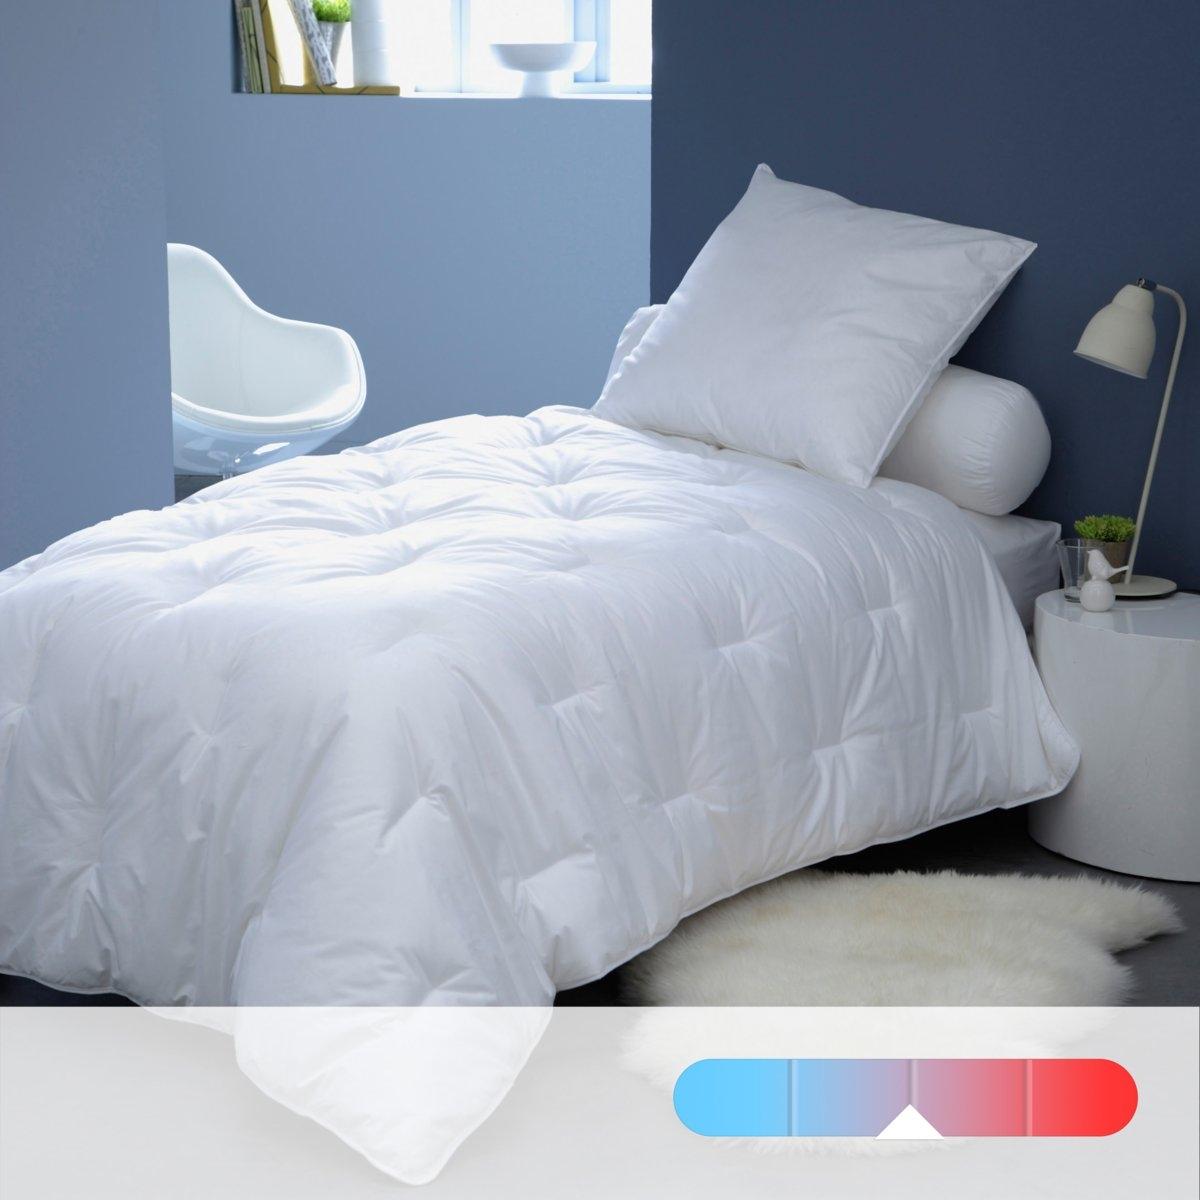 Синтетическое одеяло LESTRA, 350 г/м?Регулируемое тепло и легкость одеяла QUALLOFIL-AIR с обработкой Allerban против бактерий, клещей и грибка гарантирует вам спокойный сон на всю ночь. Также с грязеотталкивающей обработкой Teflon. Качество наполнителя VALEUR S?RE: эксклюзивный состав из полых силиконизированных волокон, ультрапышных и суперлегких, из 100% полиэстера, обеспечивают циркуляцию воздуха и выводят влагу. Чехол из 100% хлопка с грязеотталкивающей обработкой Teflon. Отделка кантом из хлопка. Простежка пунктиром. Стирка при 40°, возможна машинная сушка при умеренной температуре. Идеально при температуре воздуха в комнате  15-18°. Плотность 350 г/м?.<br><br>Цвет: белый